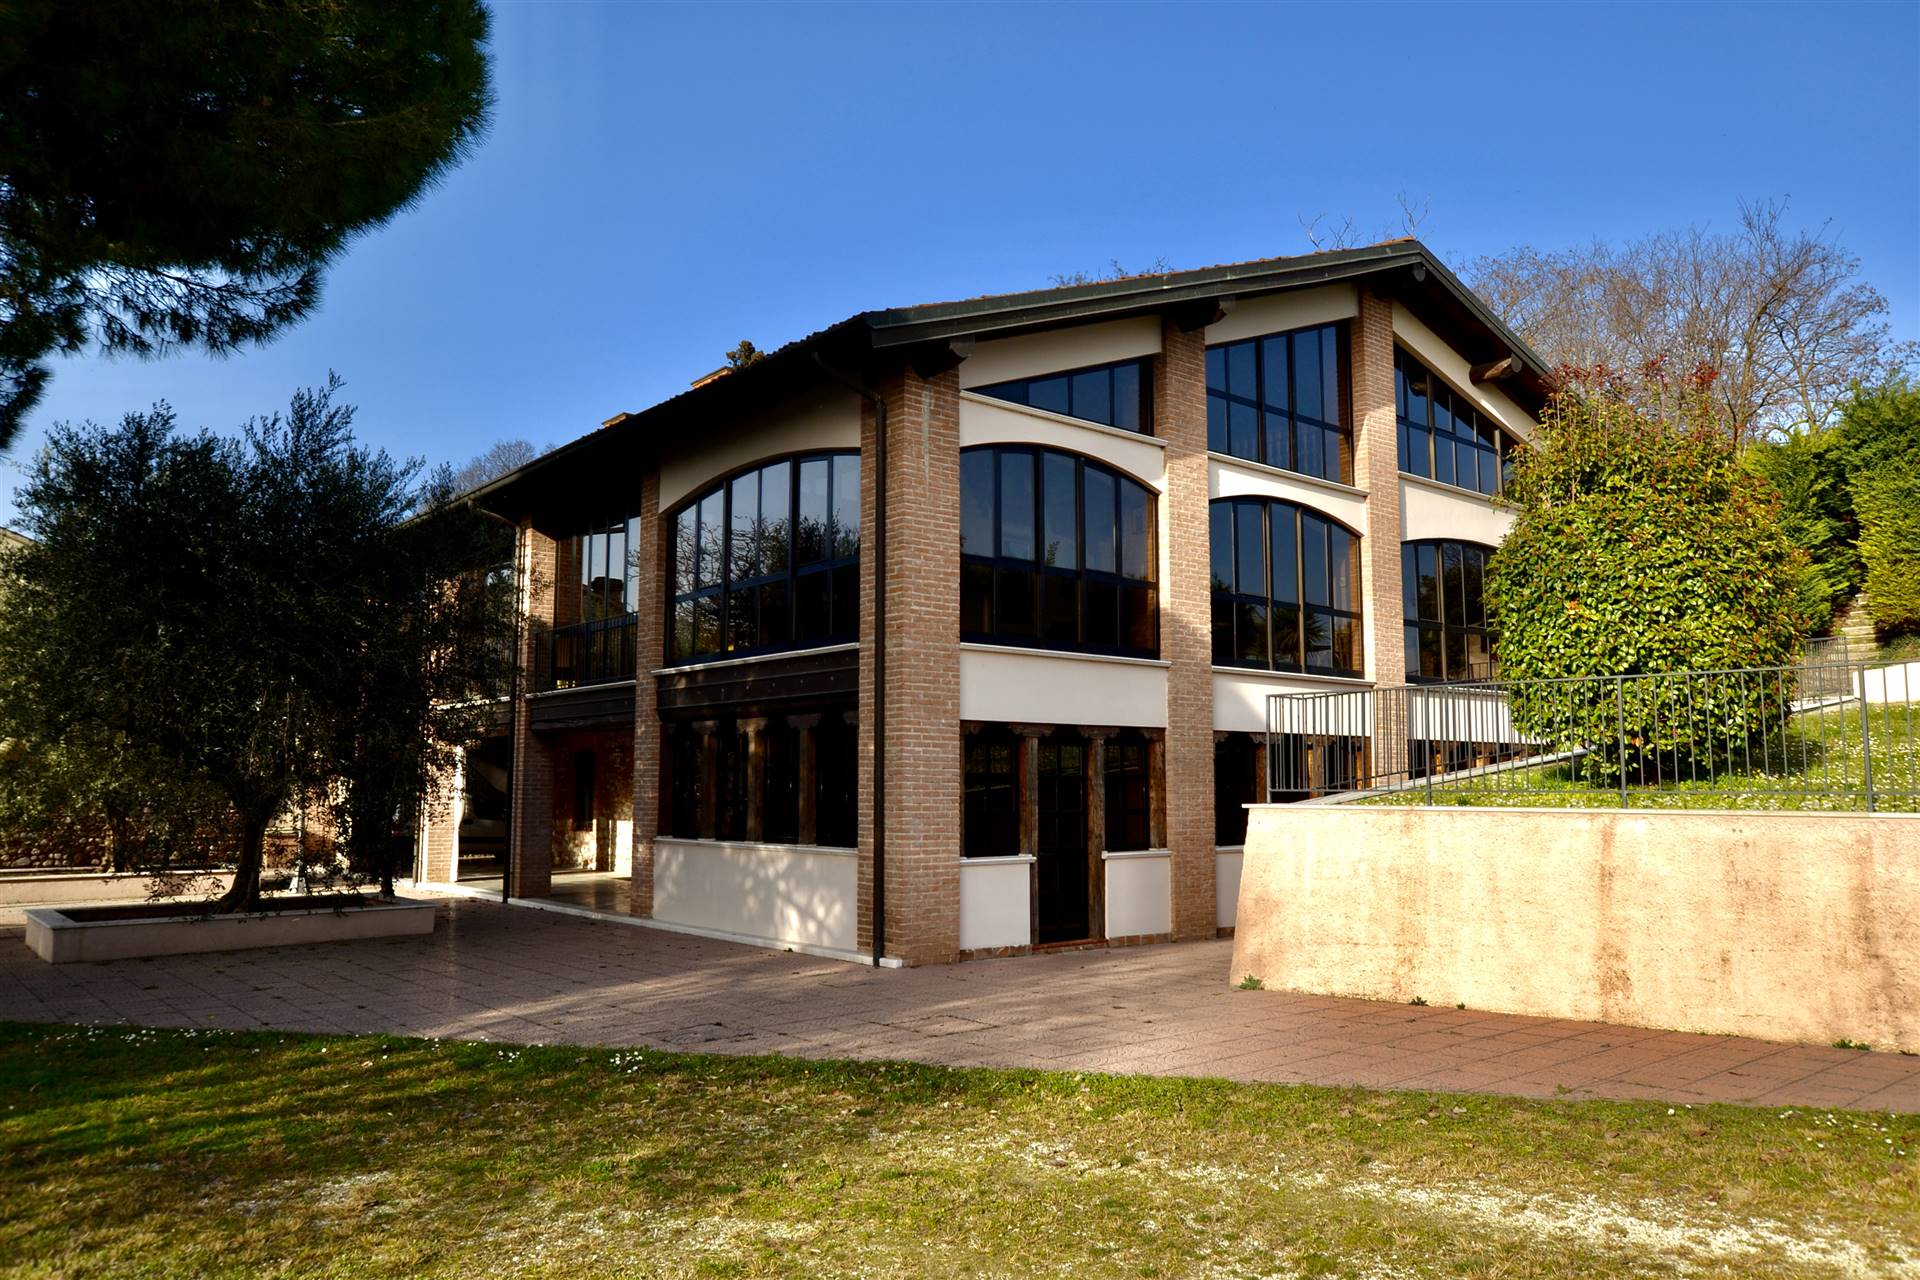 Agriturismo in vendita a Desenzano del Garda, 10 locali, prezzo € 2.800.000 | CambioCasa.it